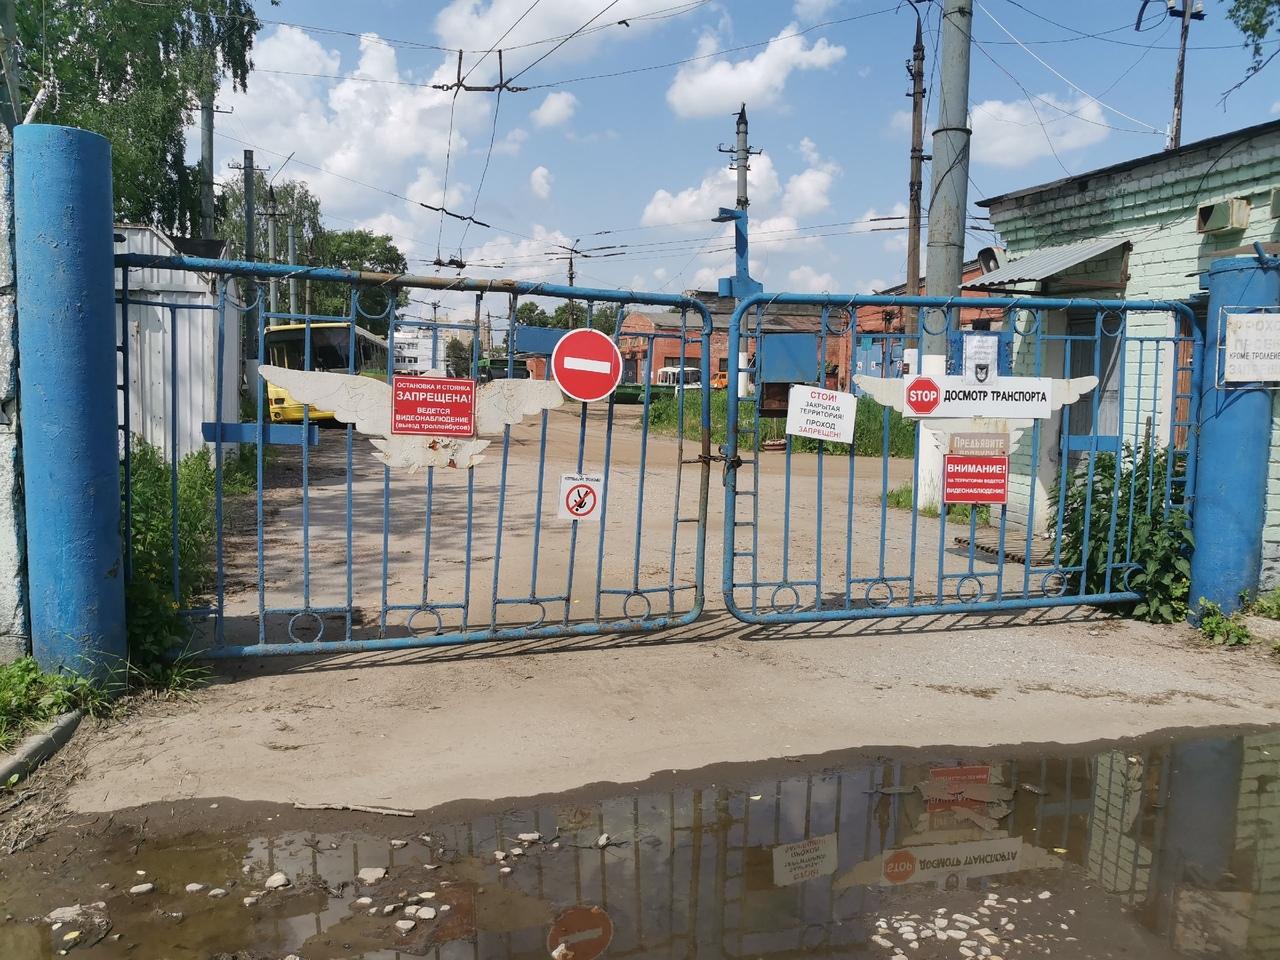 Тверская городская дума планирует передать «ПАТП-1» в собственность  области